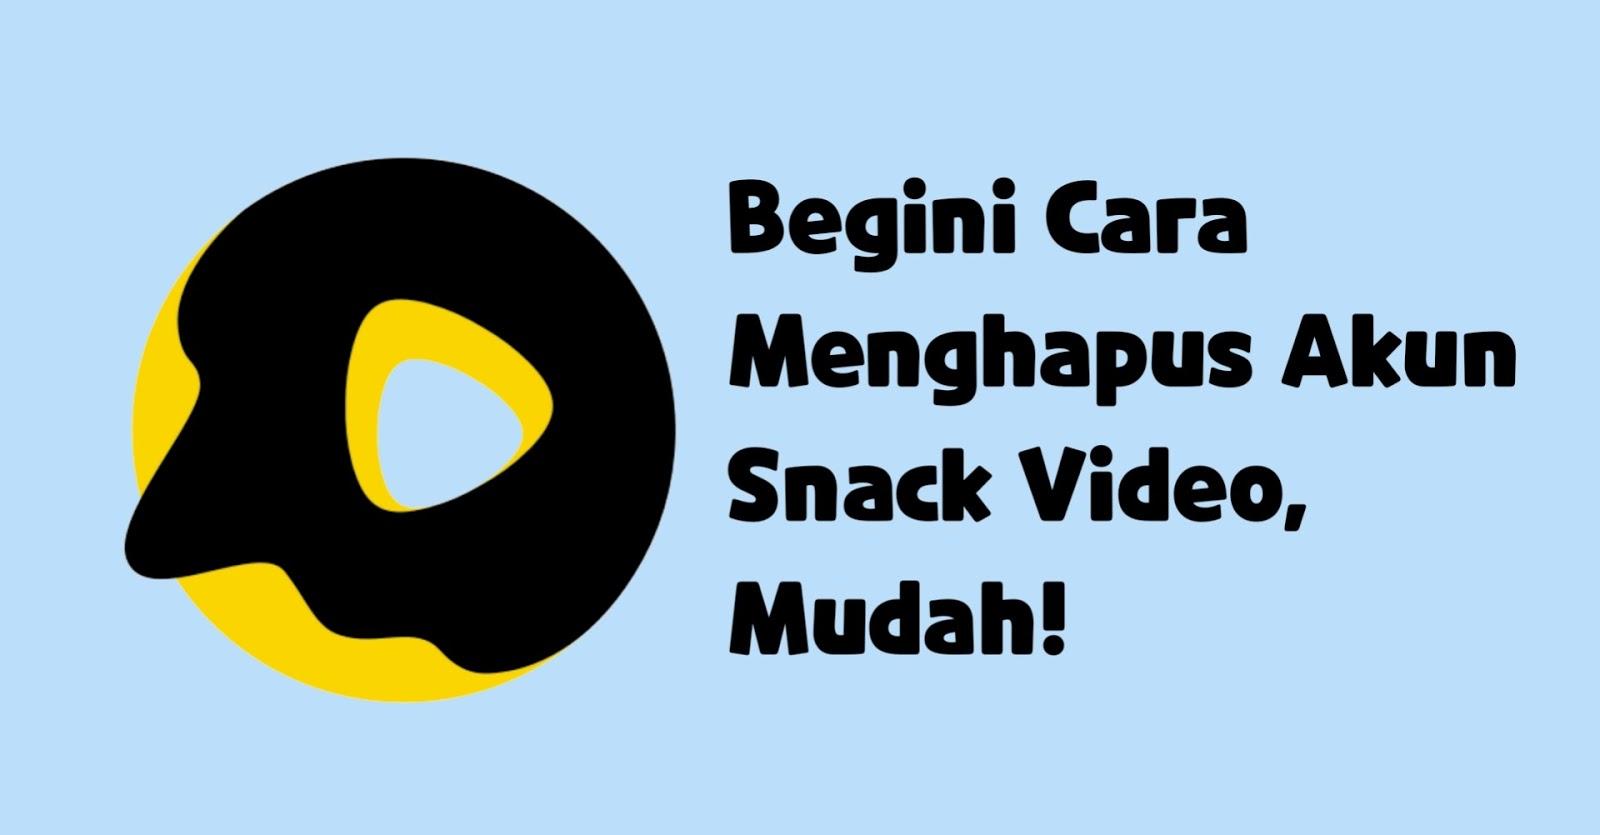 Begini Cara Menghapus Akun Snack Video, Mudah!